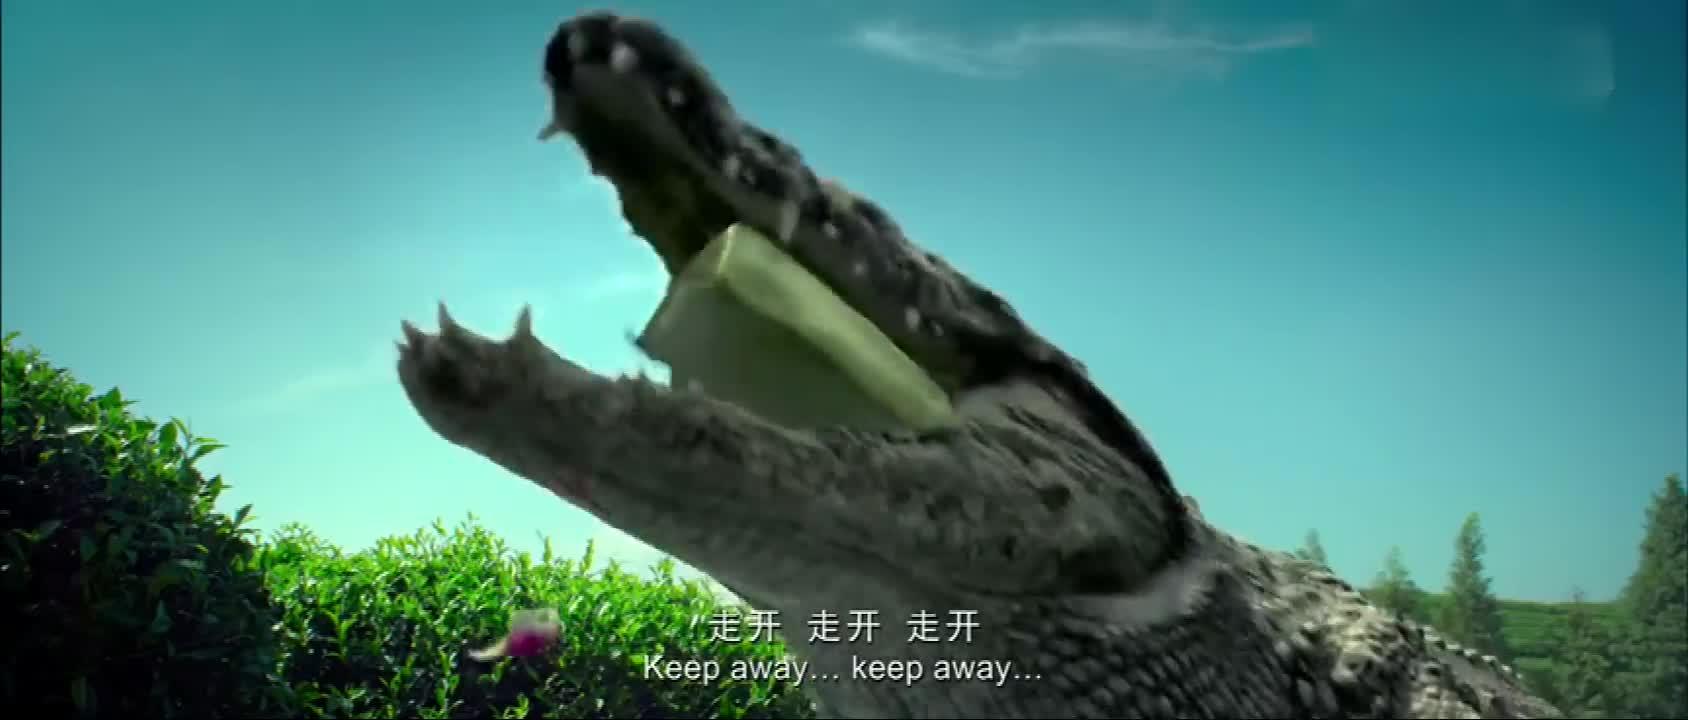 美女遭巨型鳄鱼打劫,十万欧立马化为泡影,找都找不回来